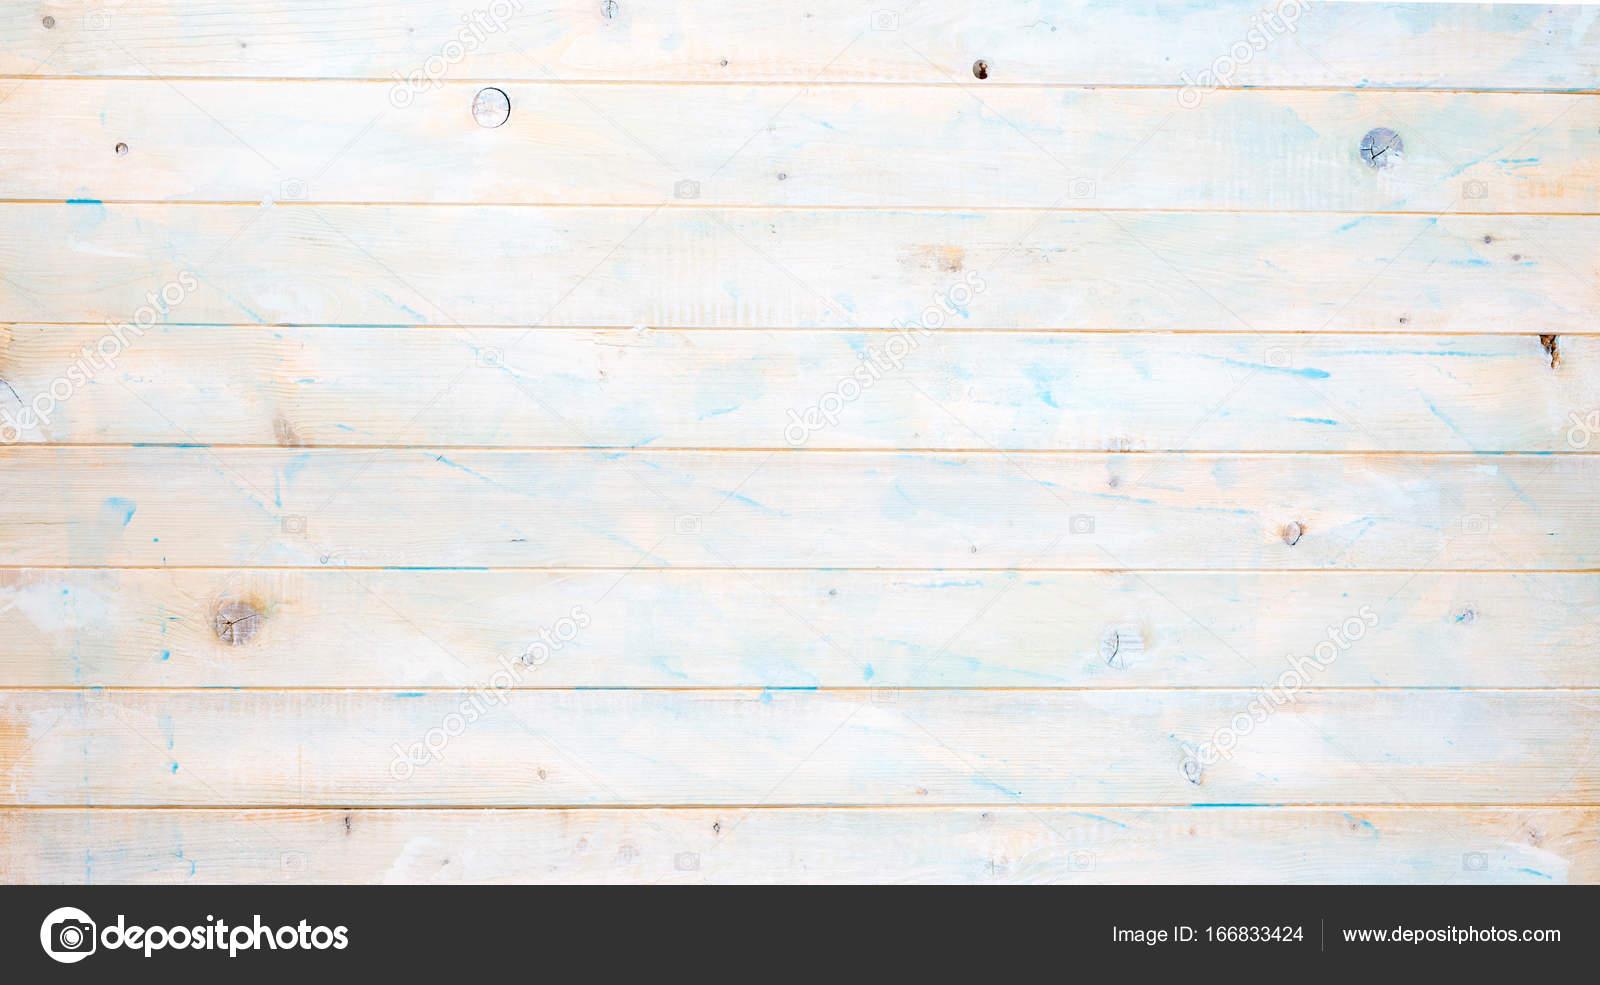 beplankung aus holz hintergrund woth bunte flecken — stockfoto